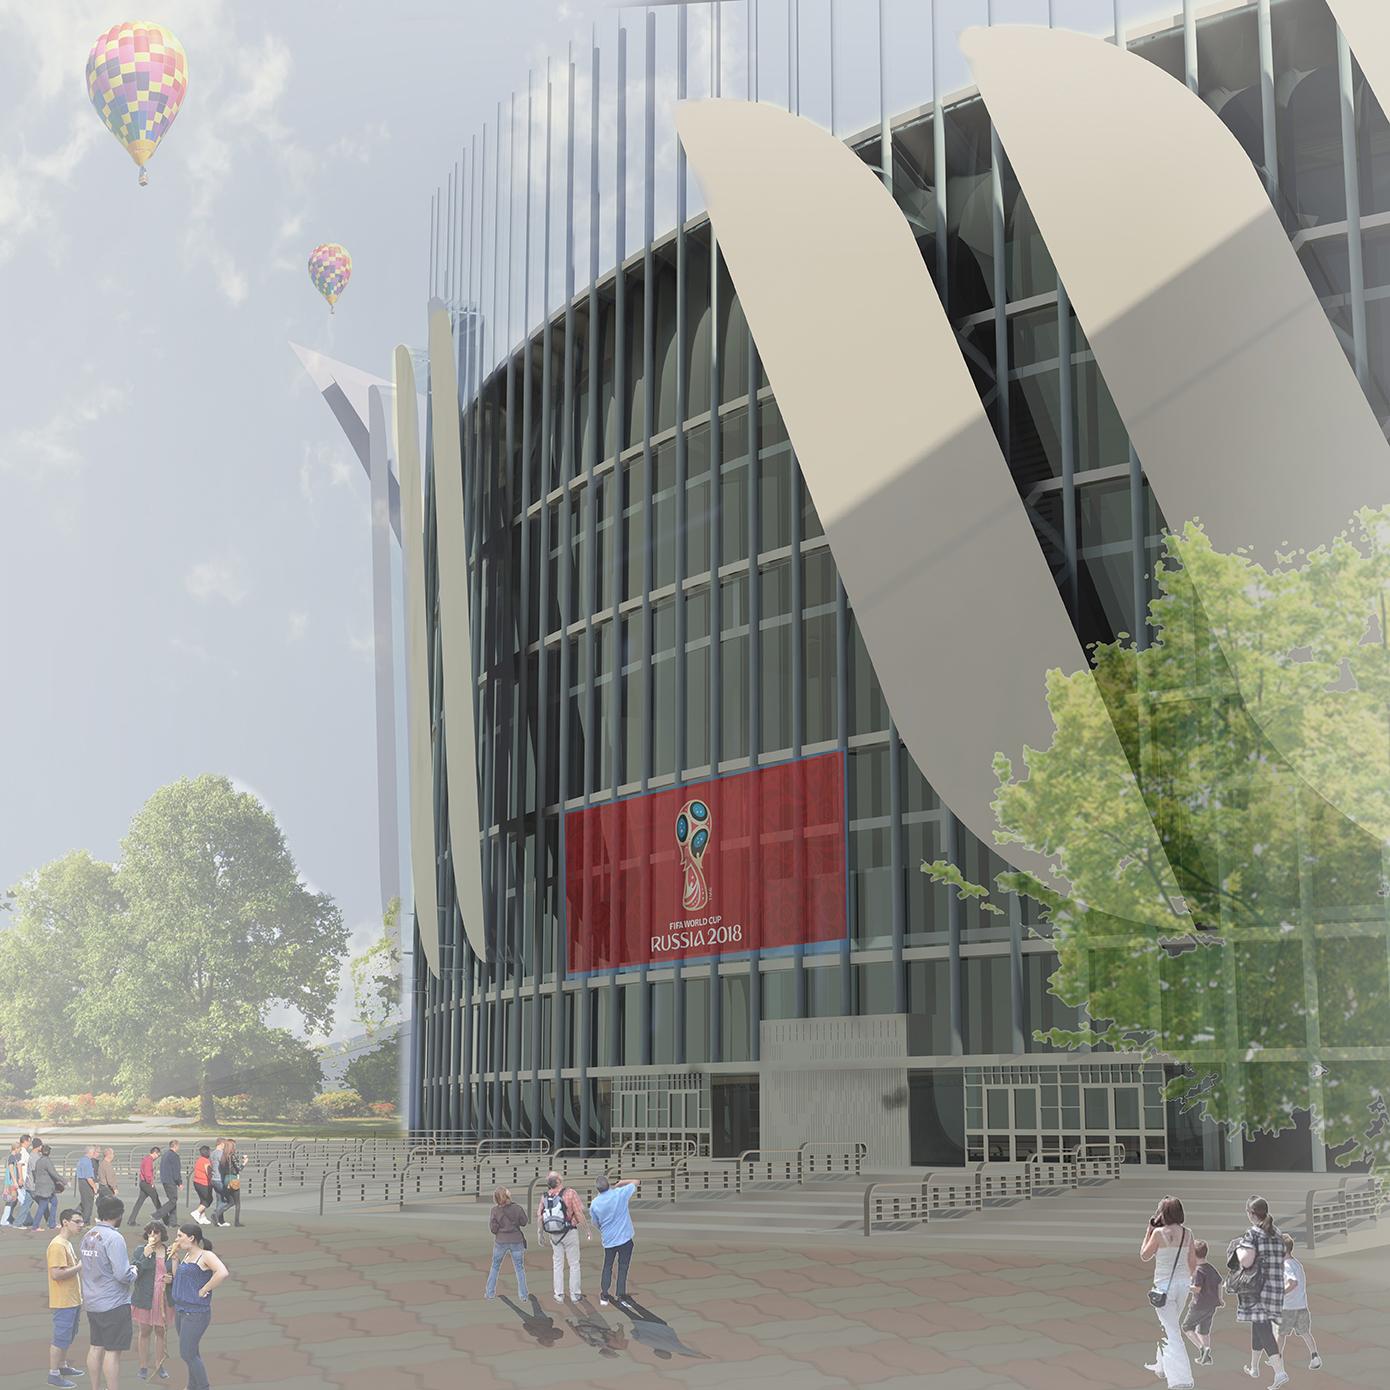 Футбольный стадион Мой дипломный проект  Мой дипломный проект стадион футбольный стадион диплом архитектура